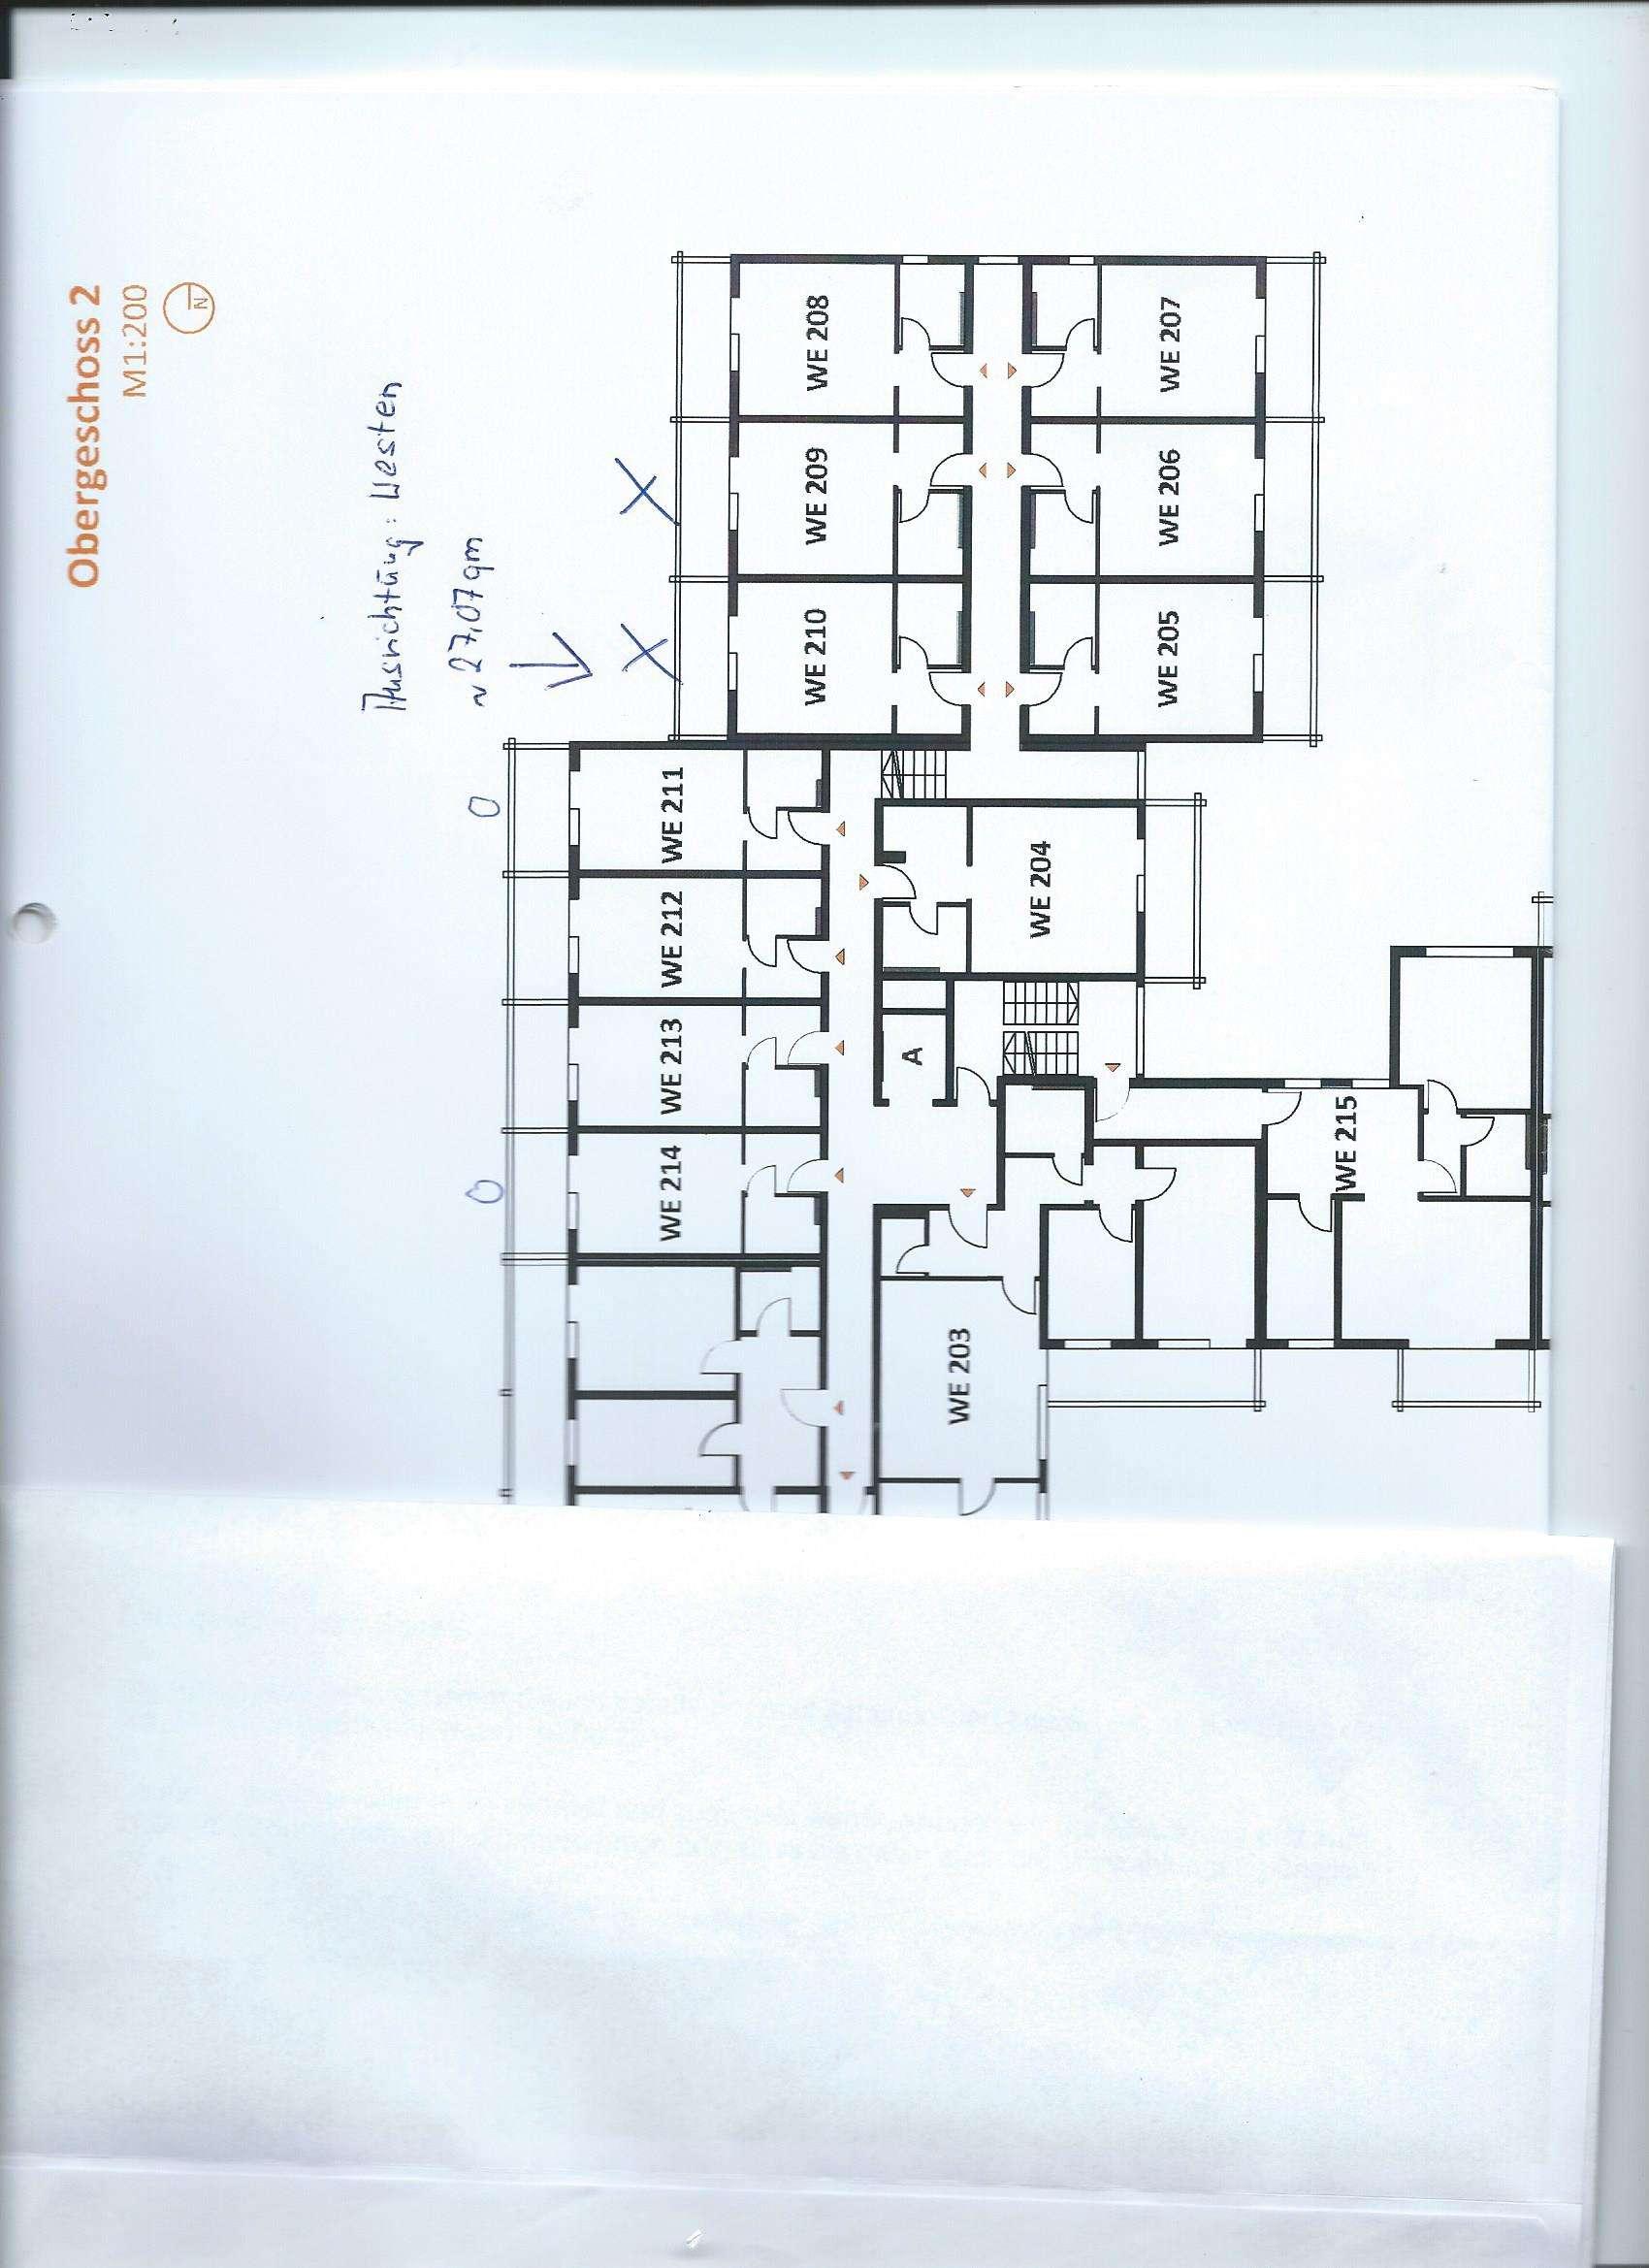 Helle, modernisierte 1-Zimmer-Wohnung mit Balkon, EBK und Bad in Regensburg in Kumpfmühl-Ziegetsdorf-Neuprüll (Regensburg)